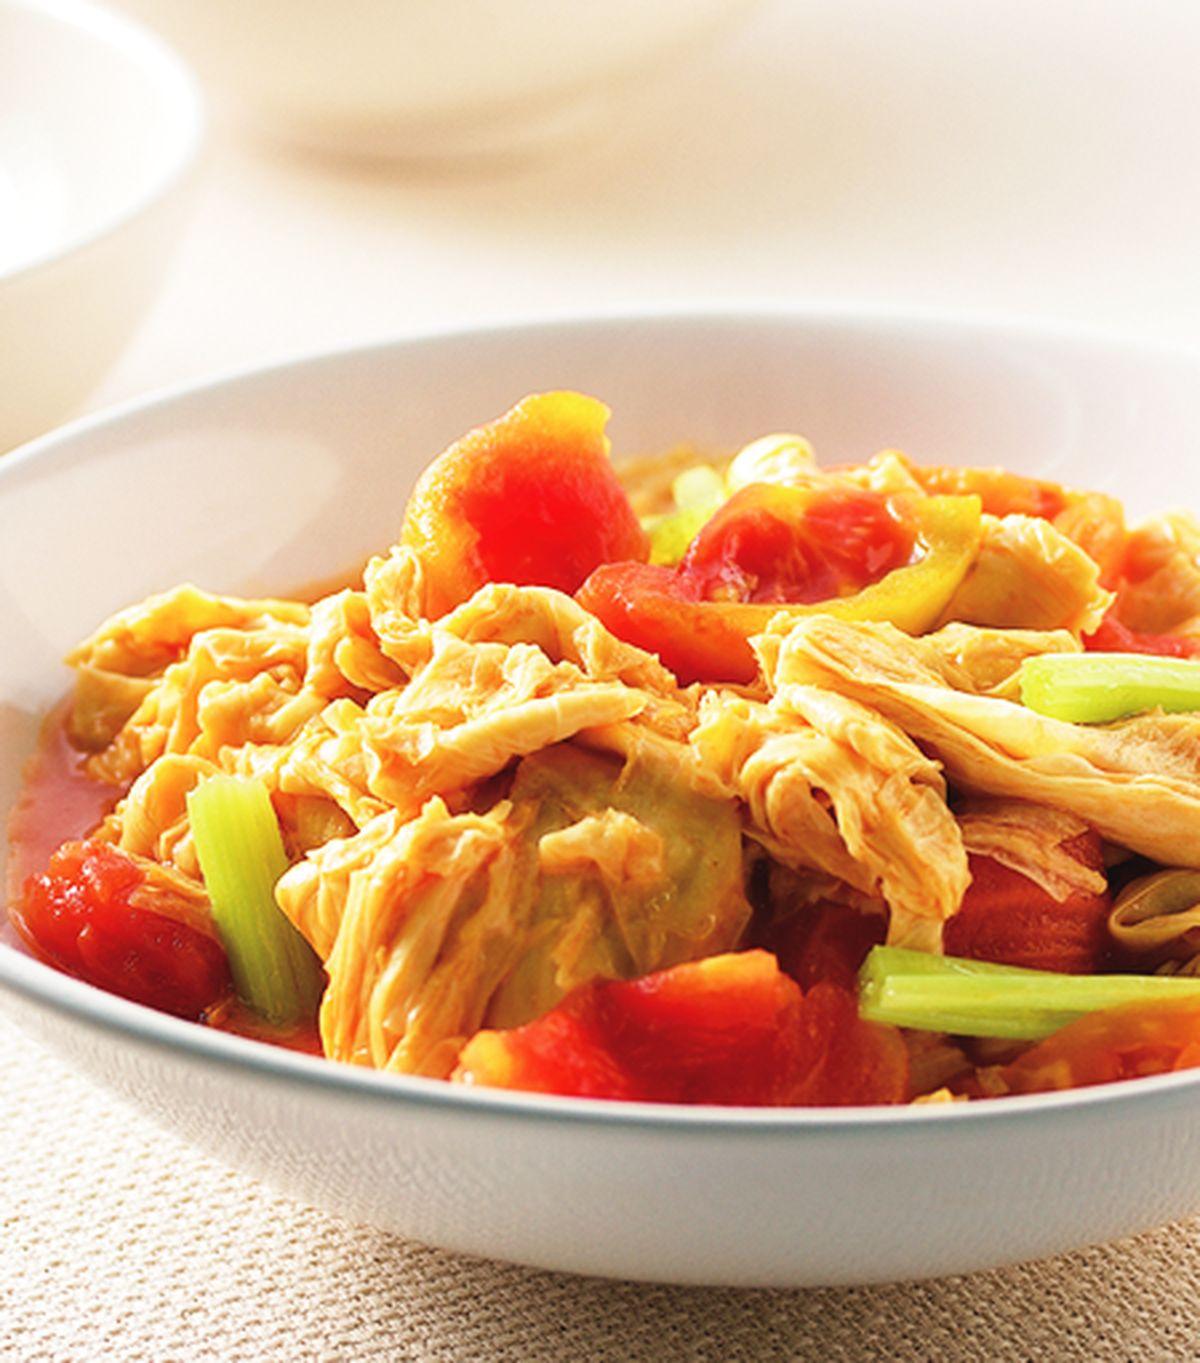 食譜:蕃茄炒豆包